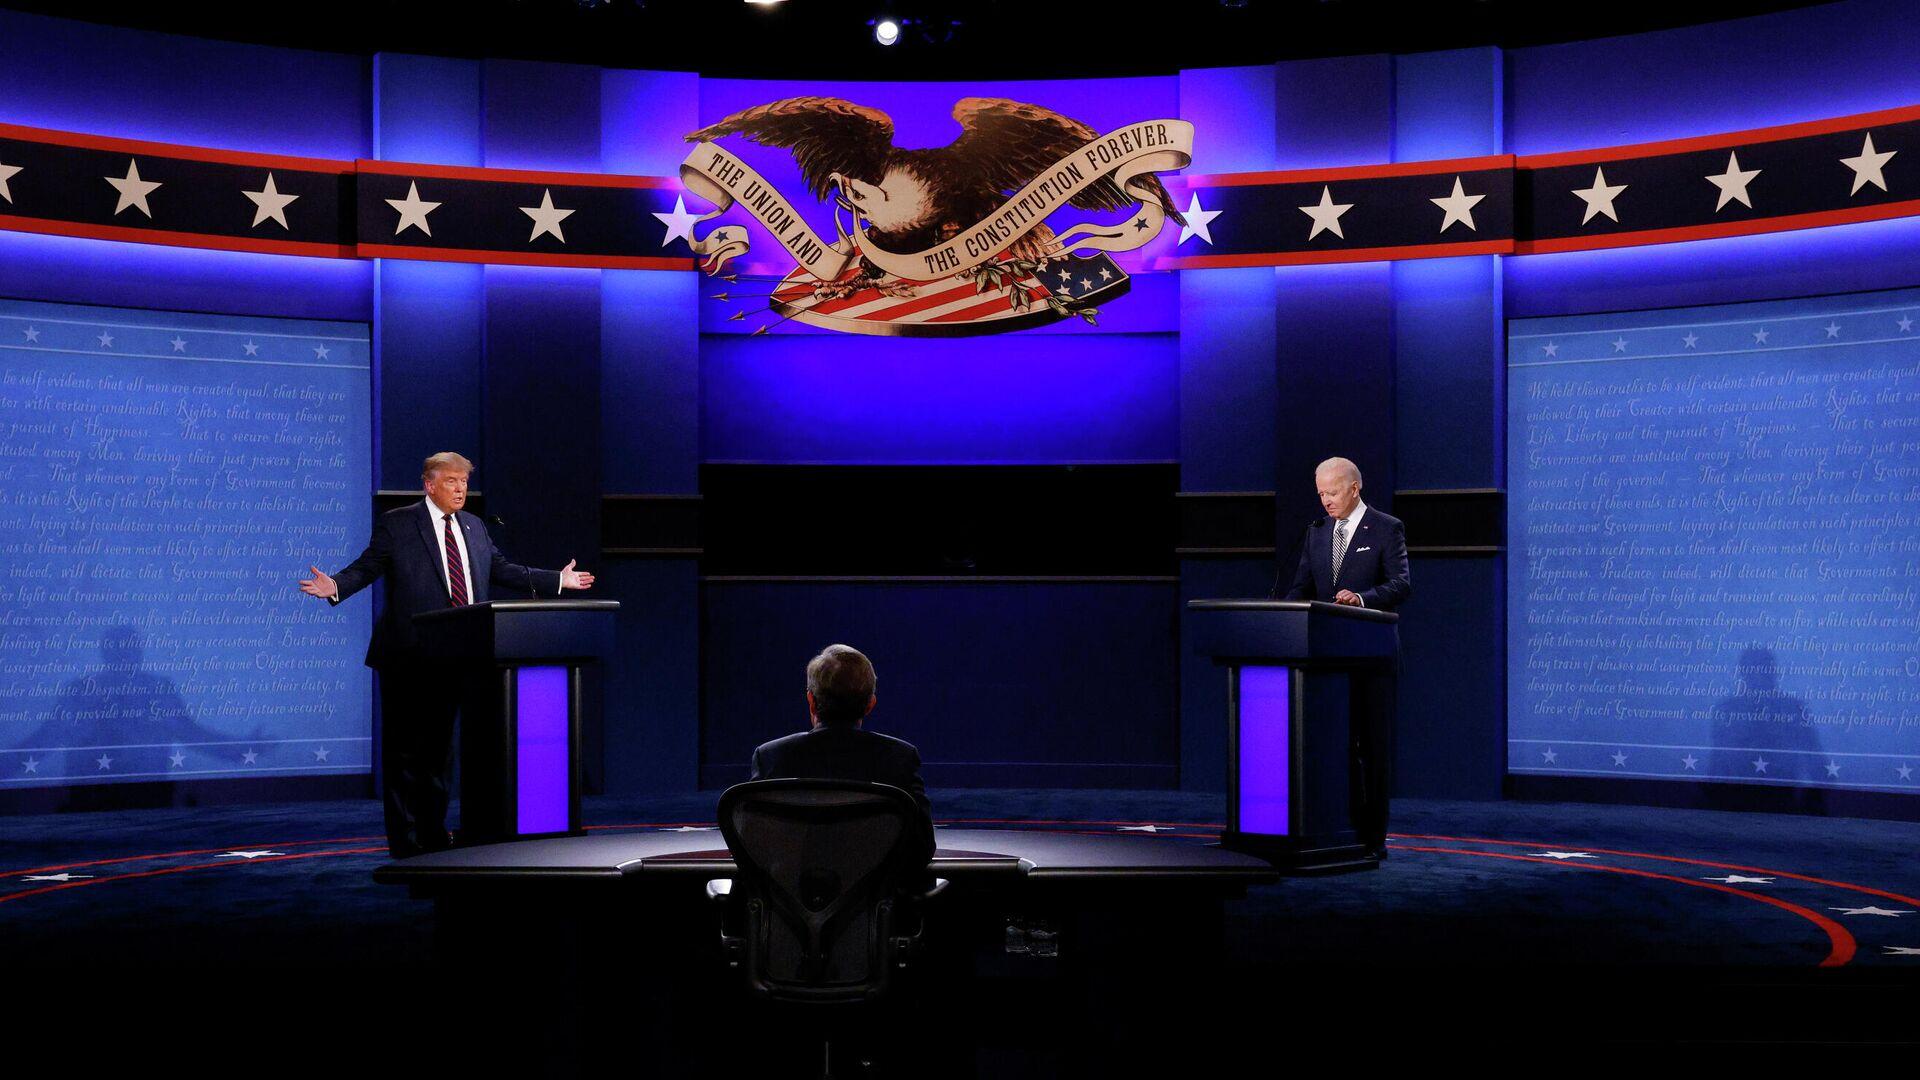 Дебаты Дональда Трампа и Джо Байдена в США - РИА Новости, 1920, 30.09.2020